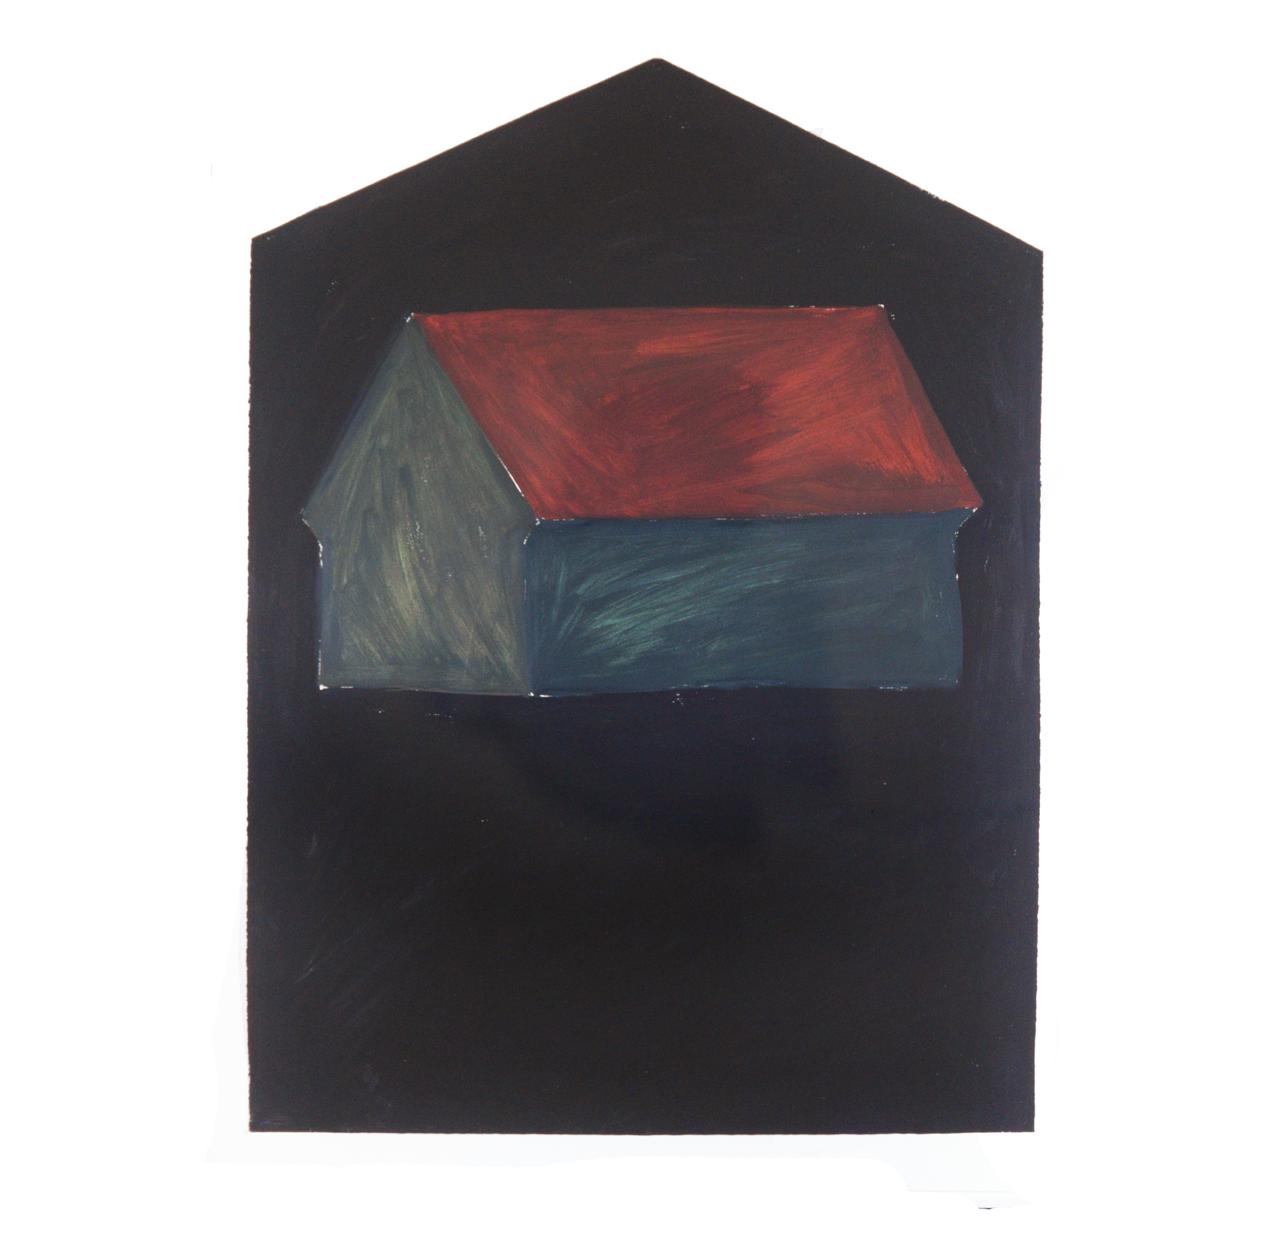 """""""Einzelhaus trüb-rechteckig"""" 1981, Öl auf Papier, 106 x 79 cm - Sammlung Tsagaris/Hilberry, Detroit - Foto Hadler/Stuhr"""